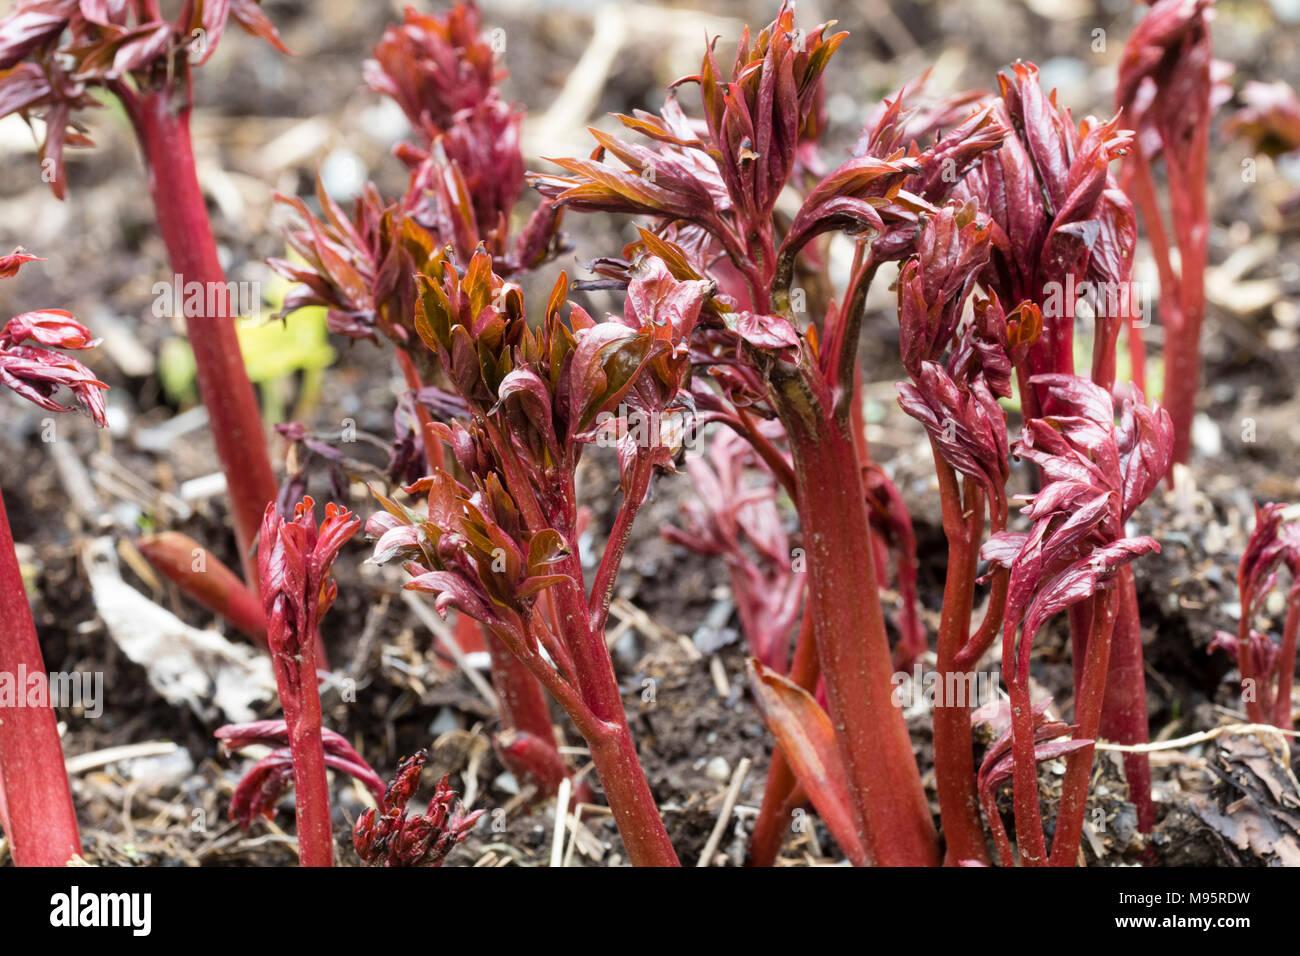 """Tallos rojos y follaje joven del peony, Paeonia """"Coral encanto"""" ofrecen un atractivo efecto que emergen en la primavera temprana Foto de stock"""